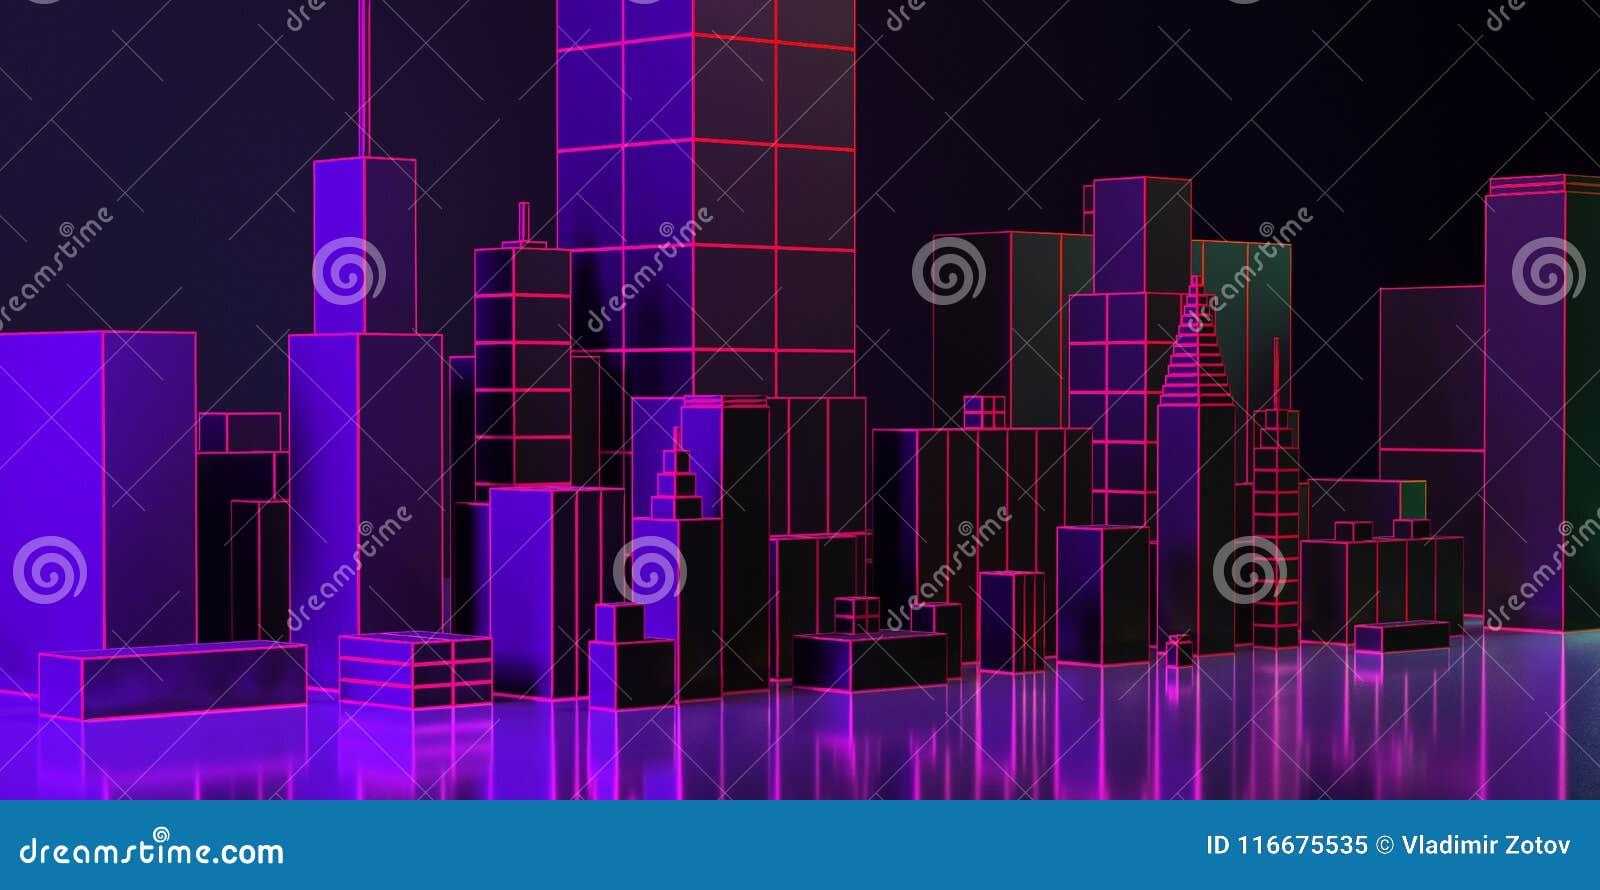 τρισδιάστατη απεικόνιση Σχεδιάγραμμα πόλεων νύχτας με την πυράκτωση νέου και τα ζωηρά χρώματα